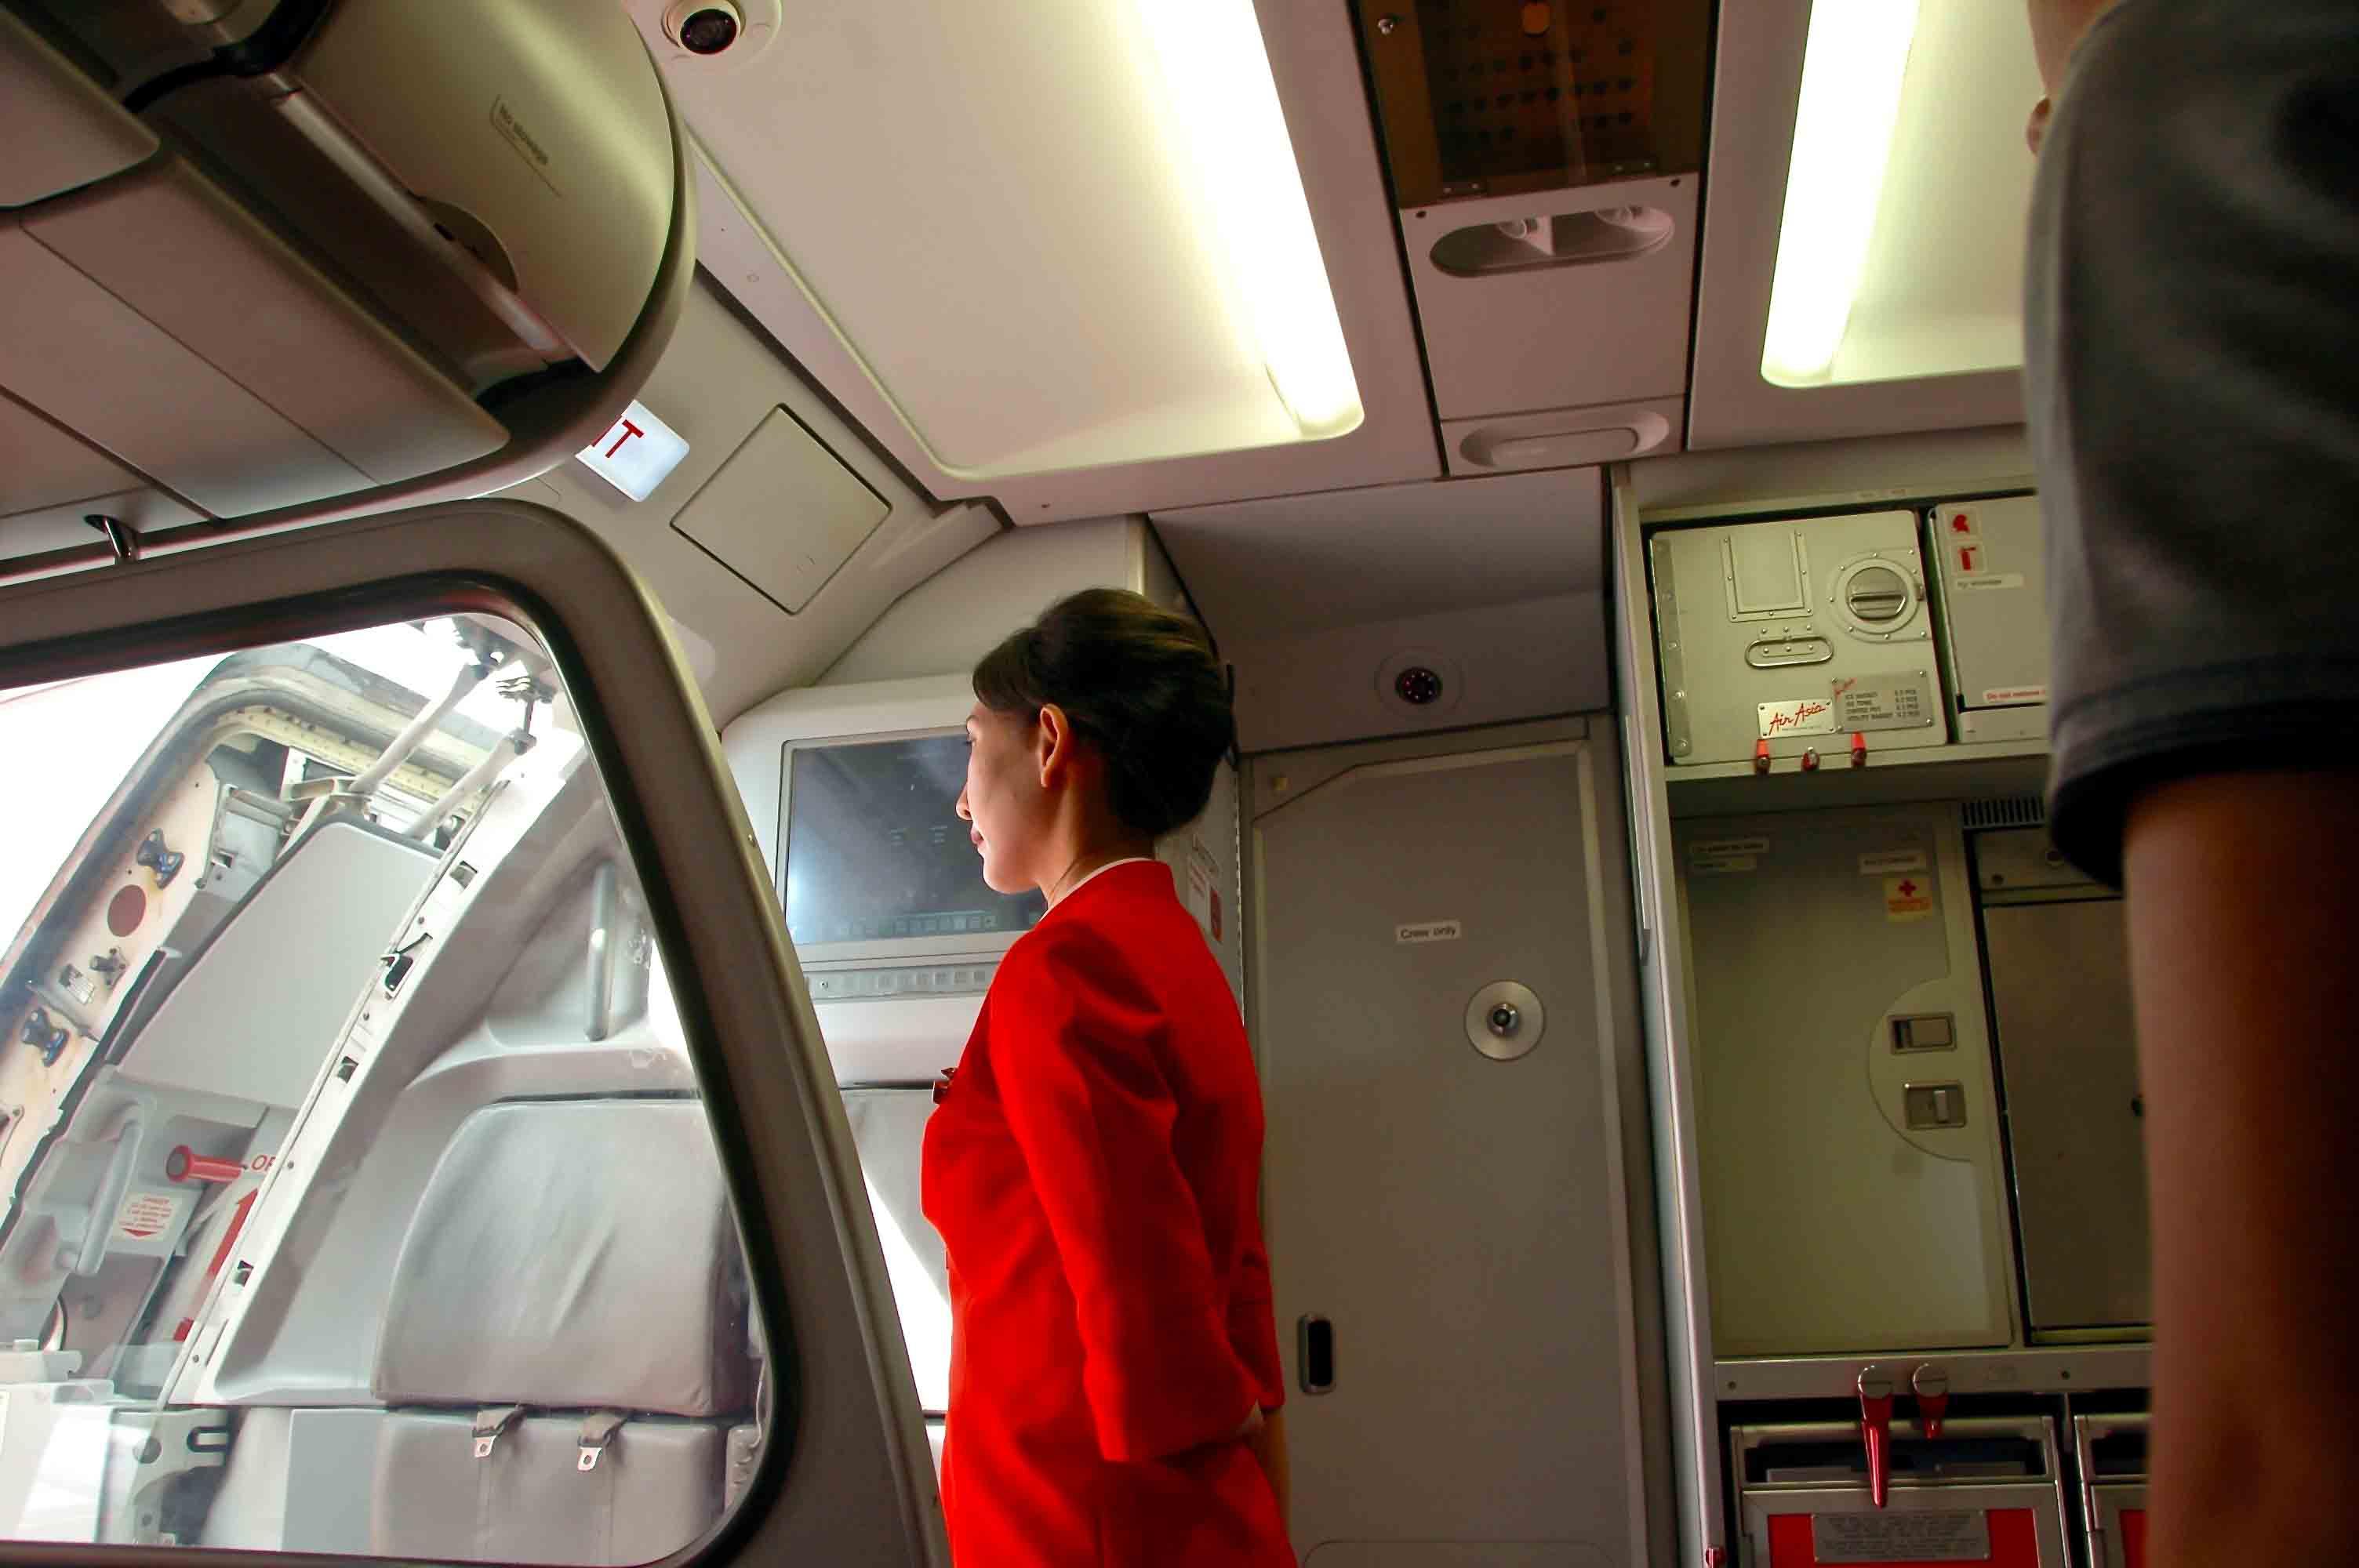 flight attendant standing in front of open airplane door